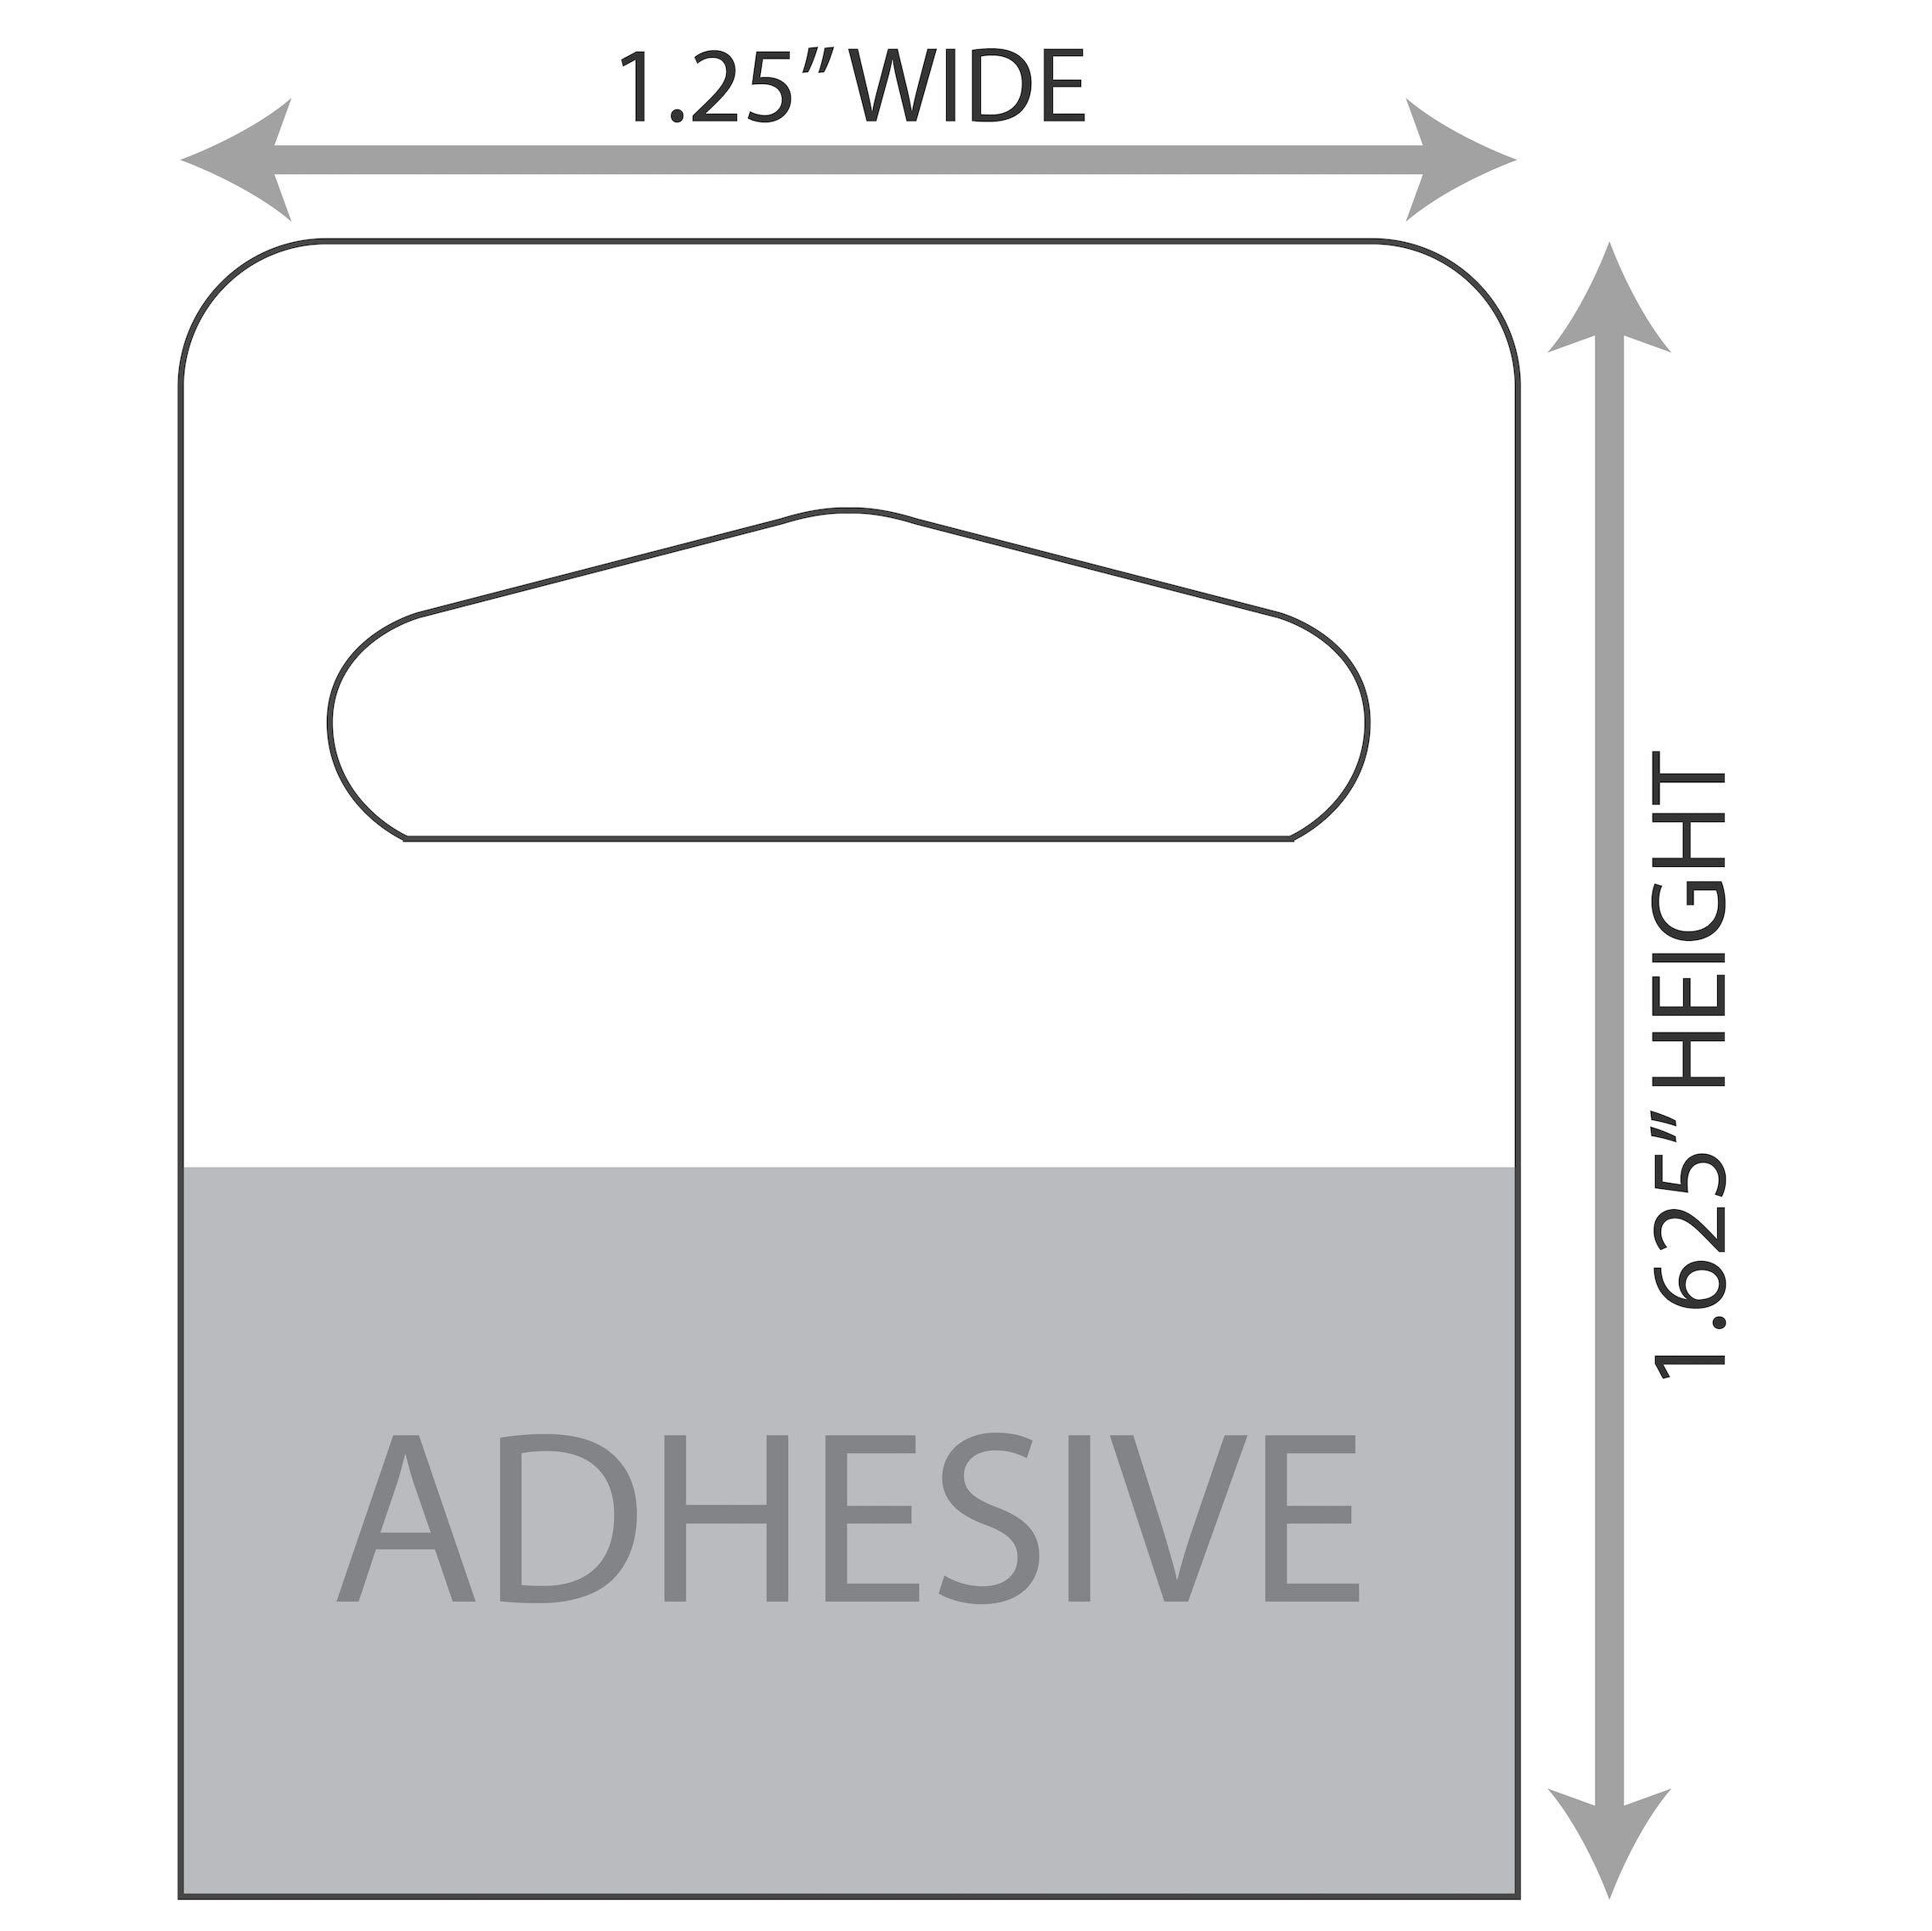 1-1/4'' X 1-5/8'' Slot Holed Adhesive Hang Tabs - 1000/Pack - Heavy Duty Adhesive Hang Tags